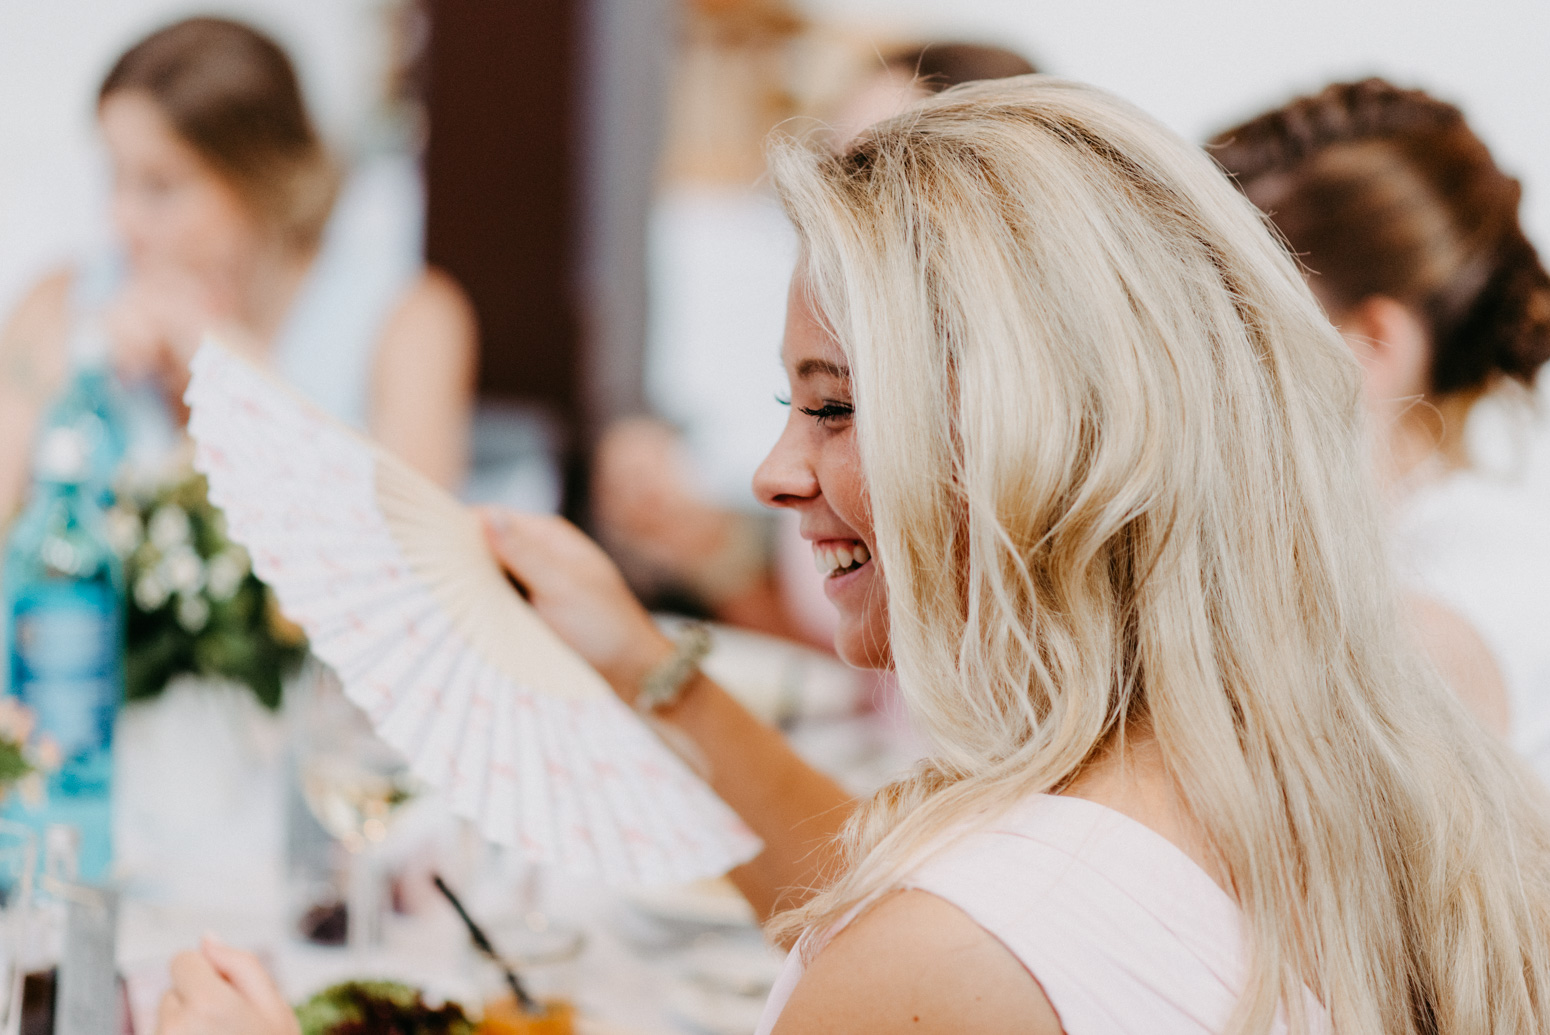 Hochzeitsfeier und sich unterhaltende Gäste in der kleinen Beethovenhalle in Muffendorf. Hochzeitsfotografin Daria Becker von Genuine Bonds in Bonn